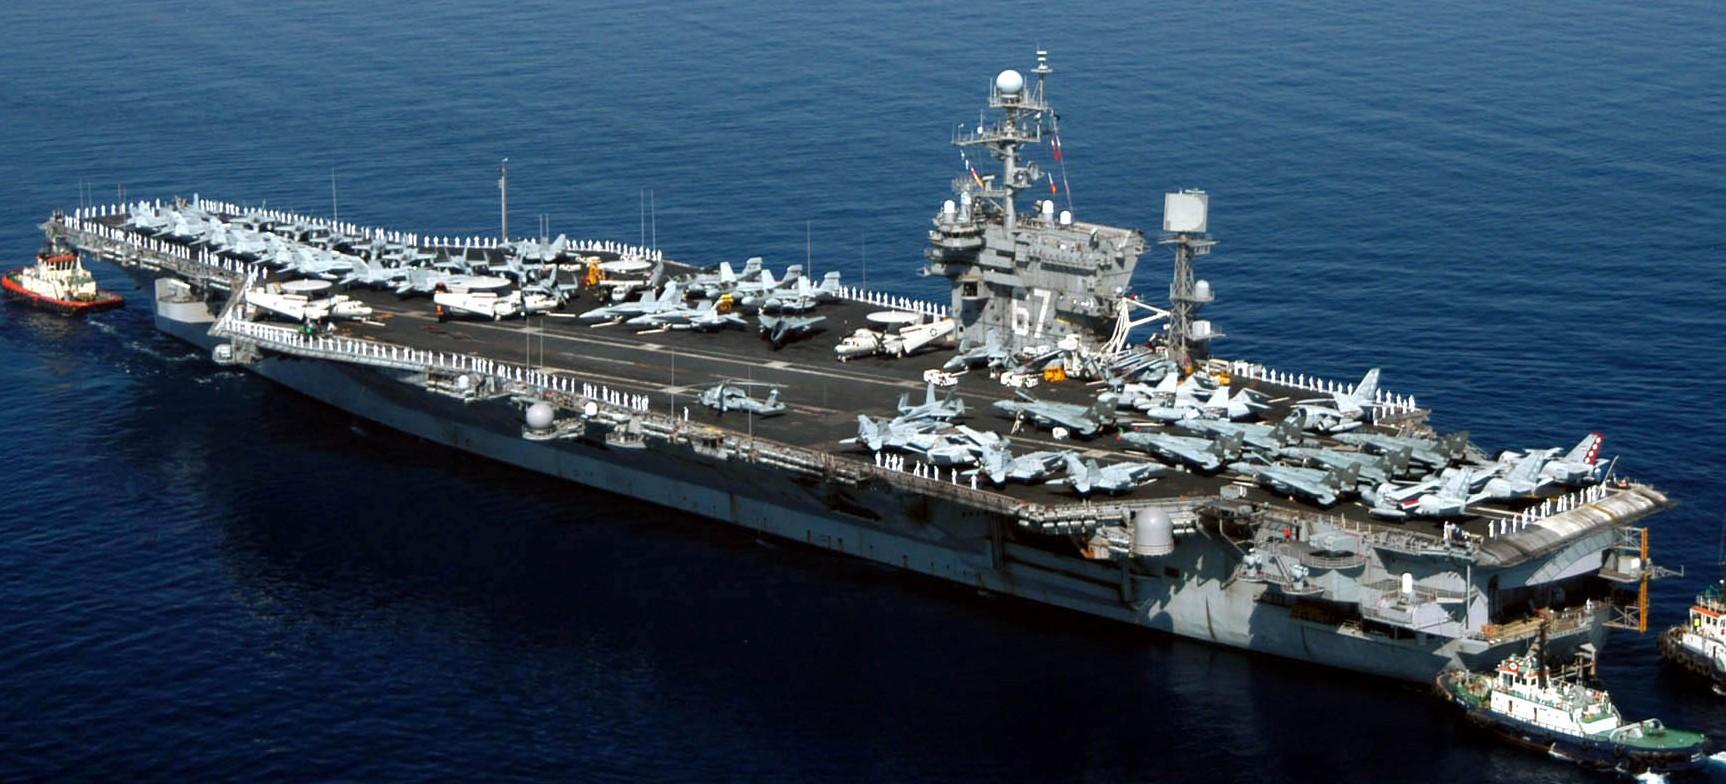 uss john f kennedy cv 67 aircraft carrier us navy